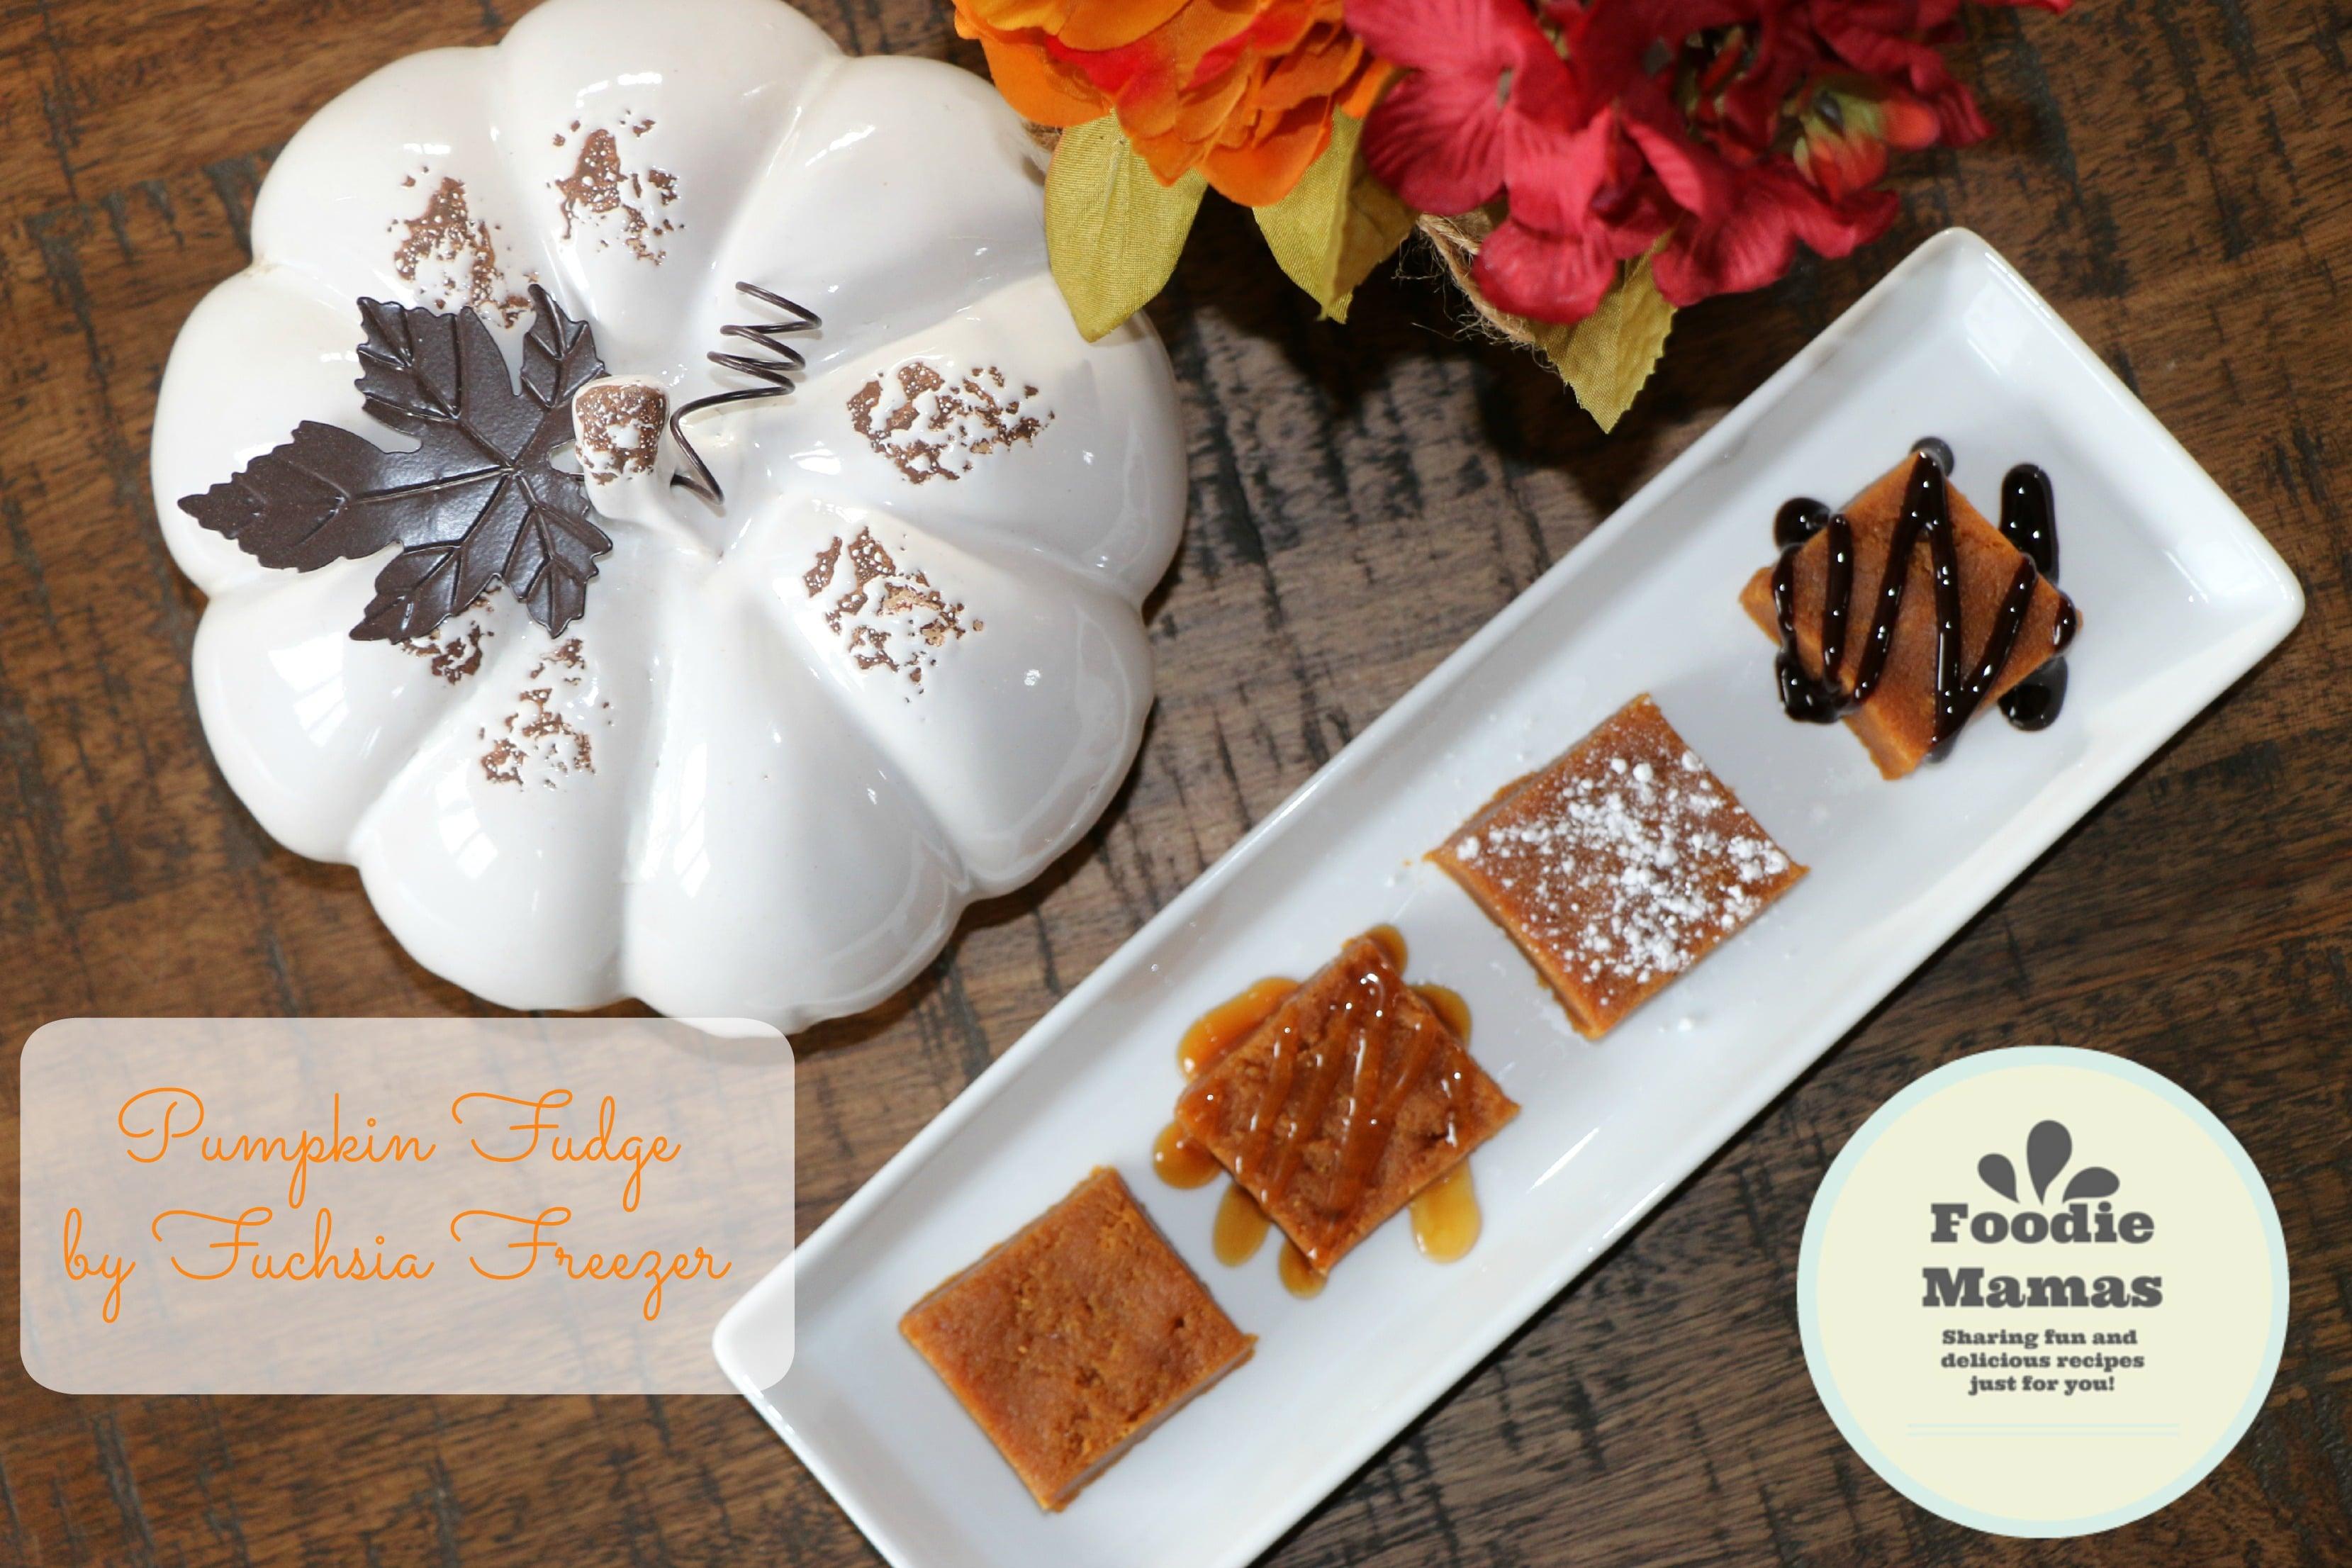 Pumpkin Fudge - Fuchsia Freezer